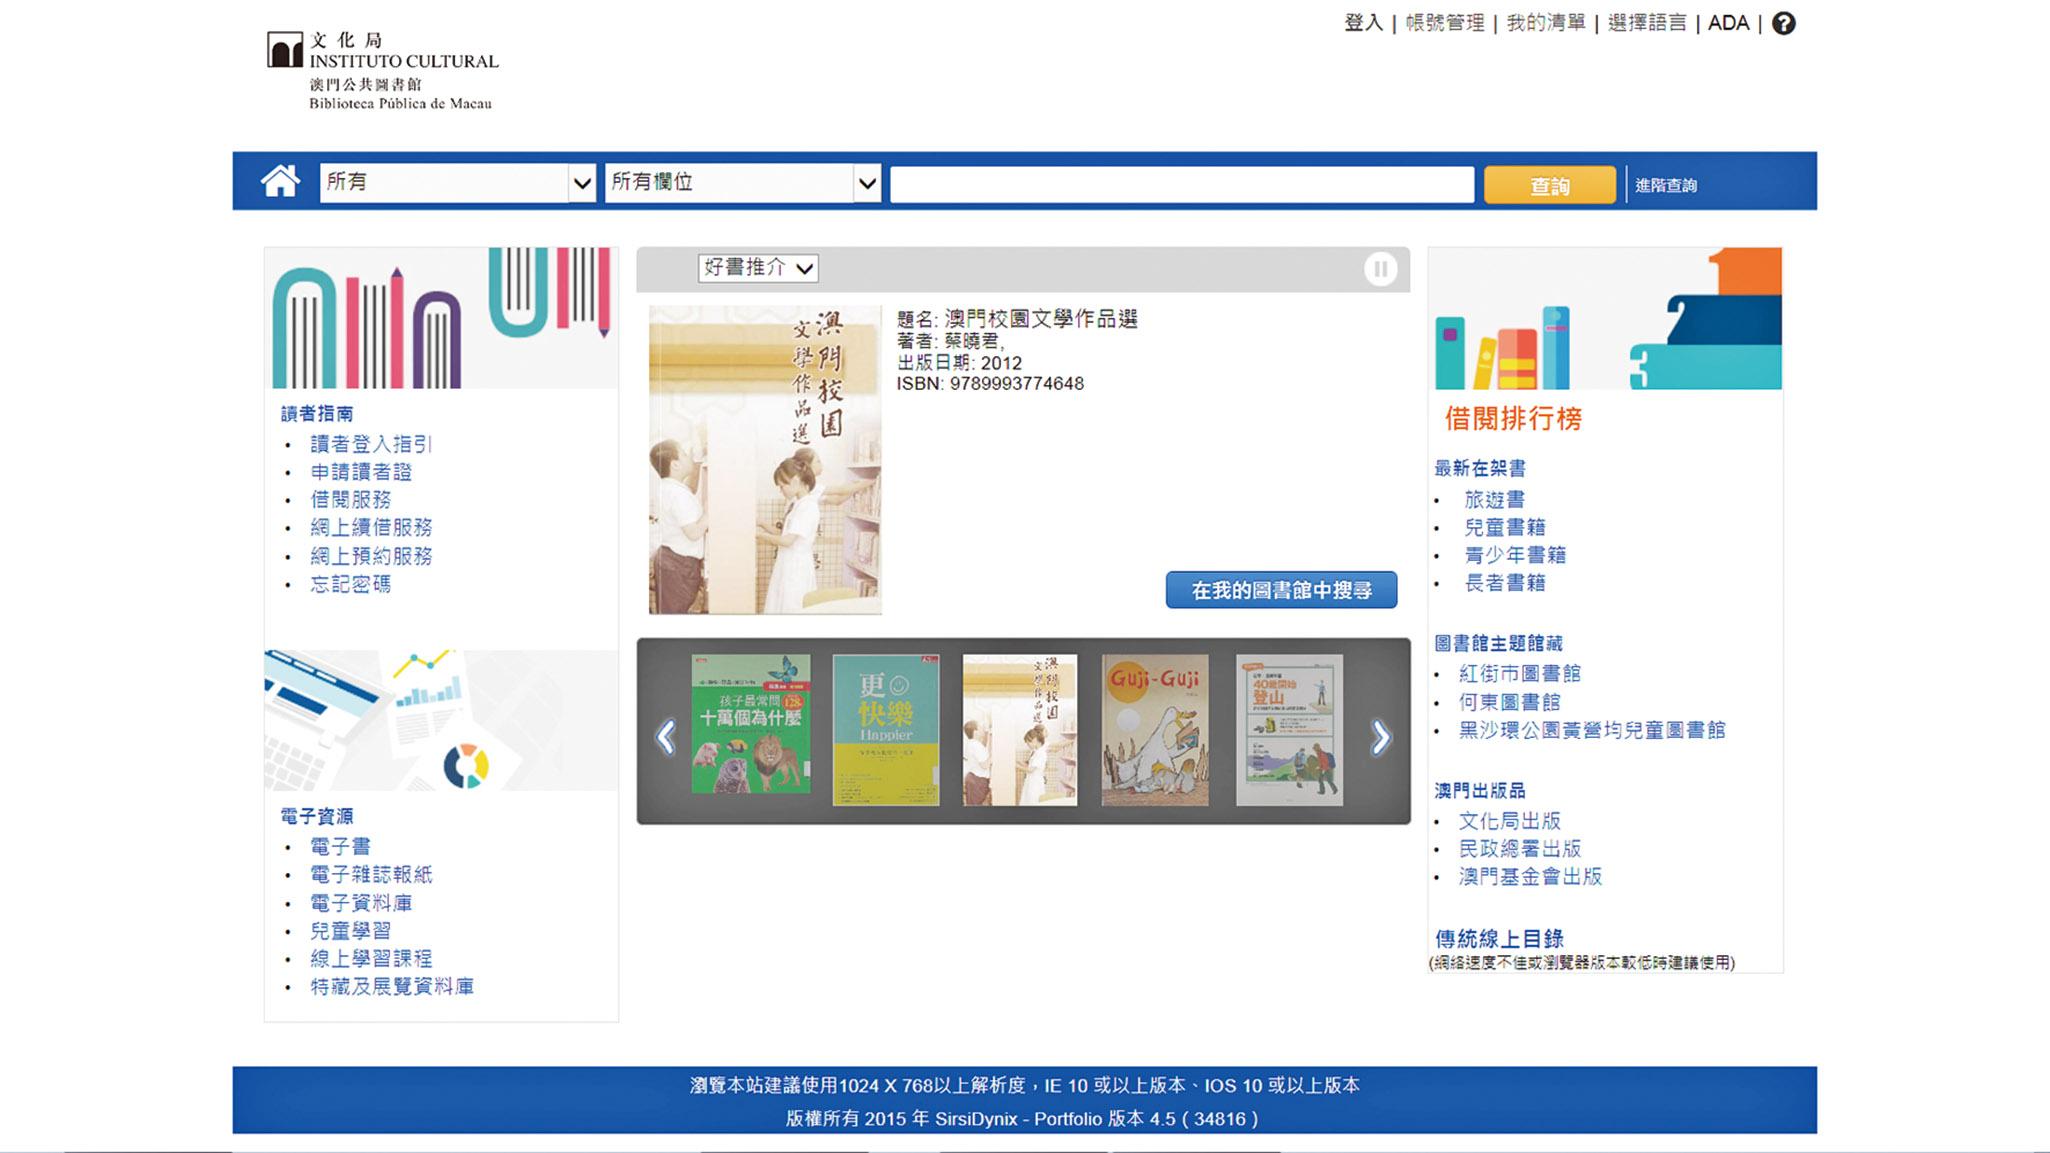 澳門公共圖書館新檢索系統上線 更方便讀者進行圖書搜尋服務 - 澳門力報官網